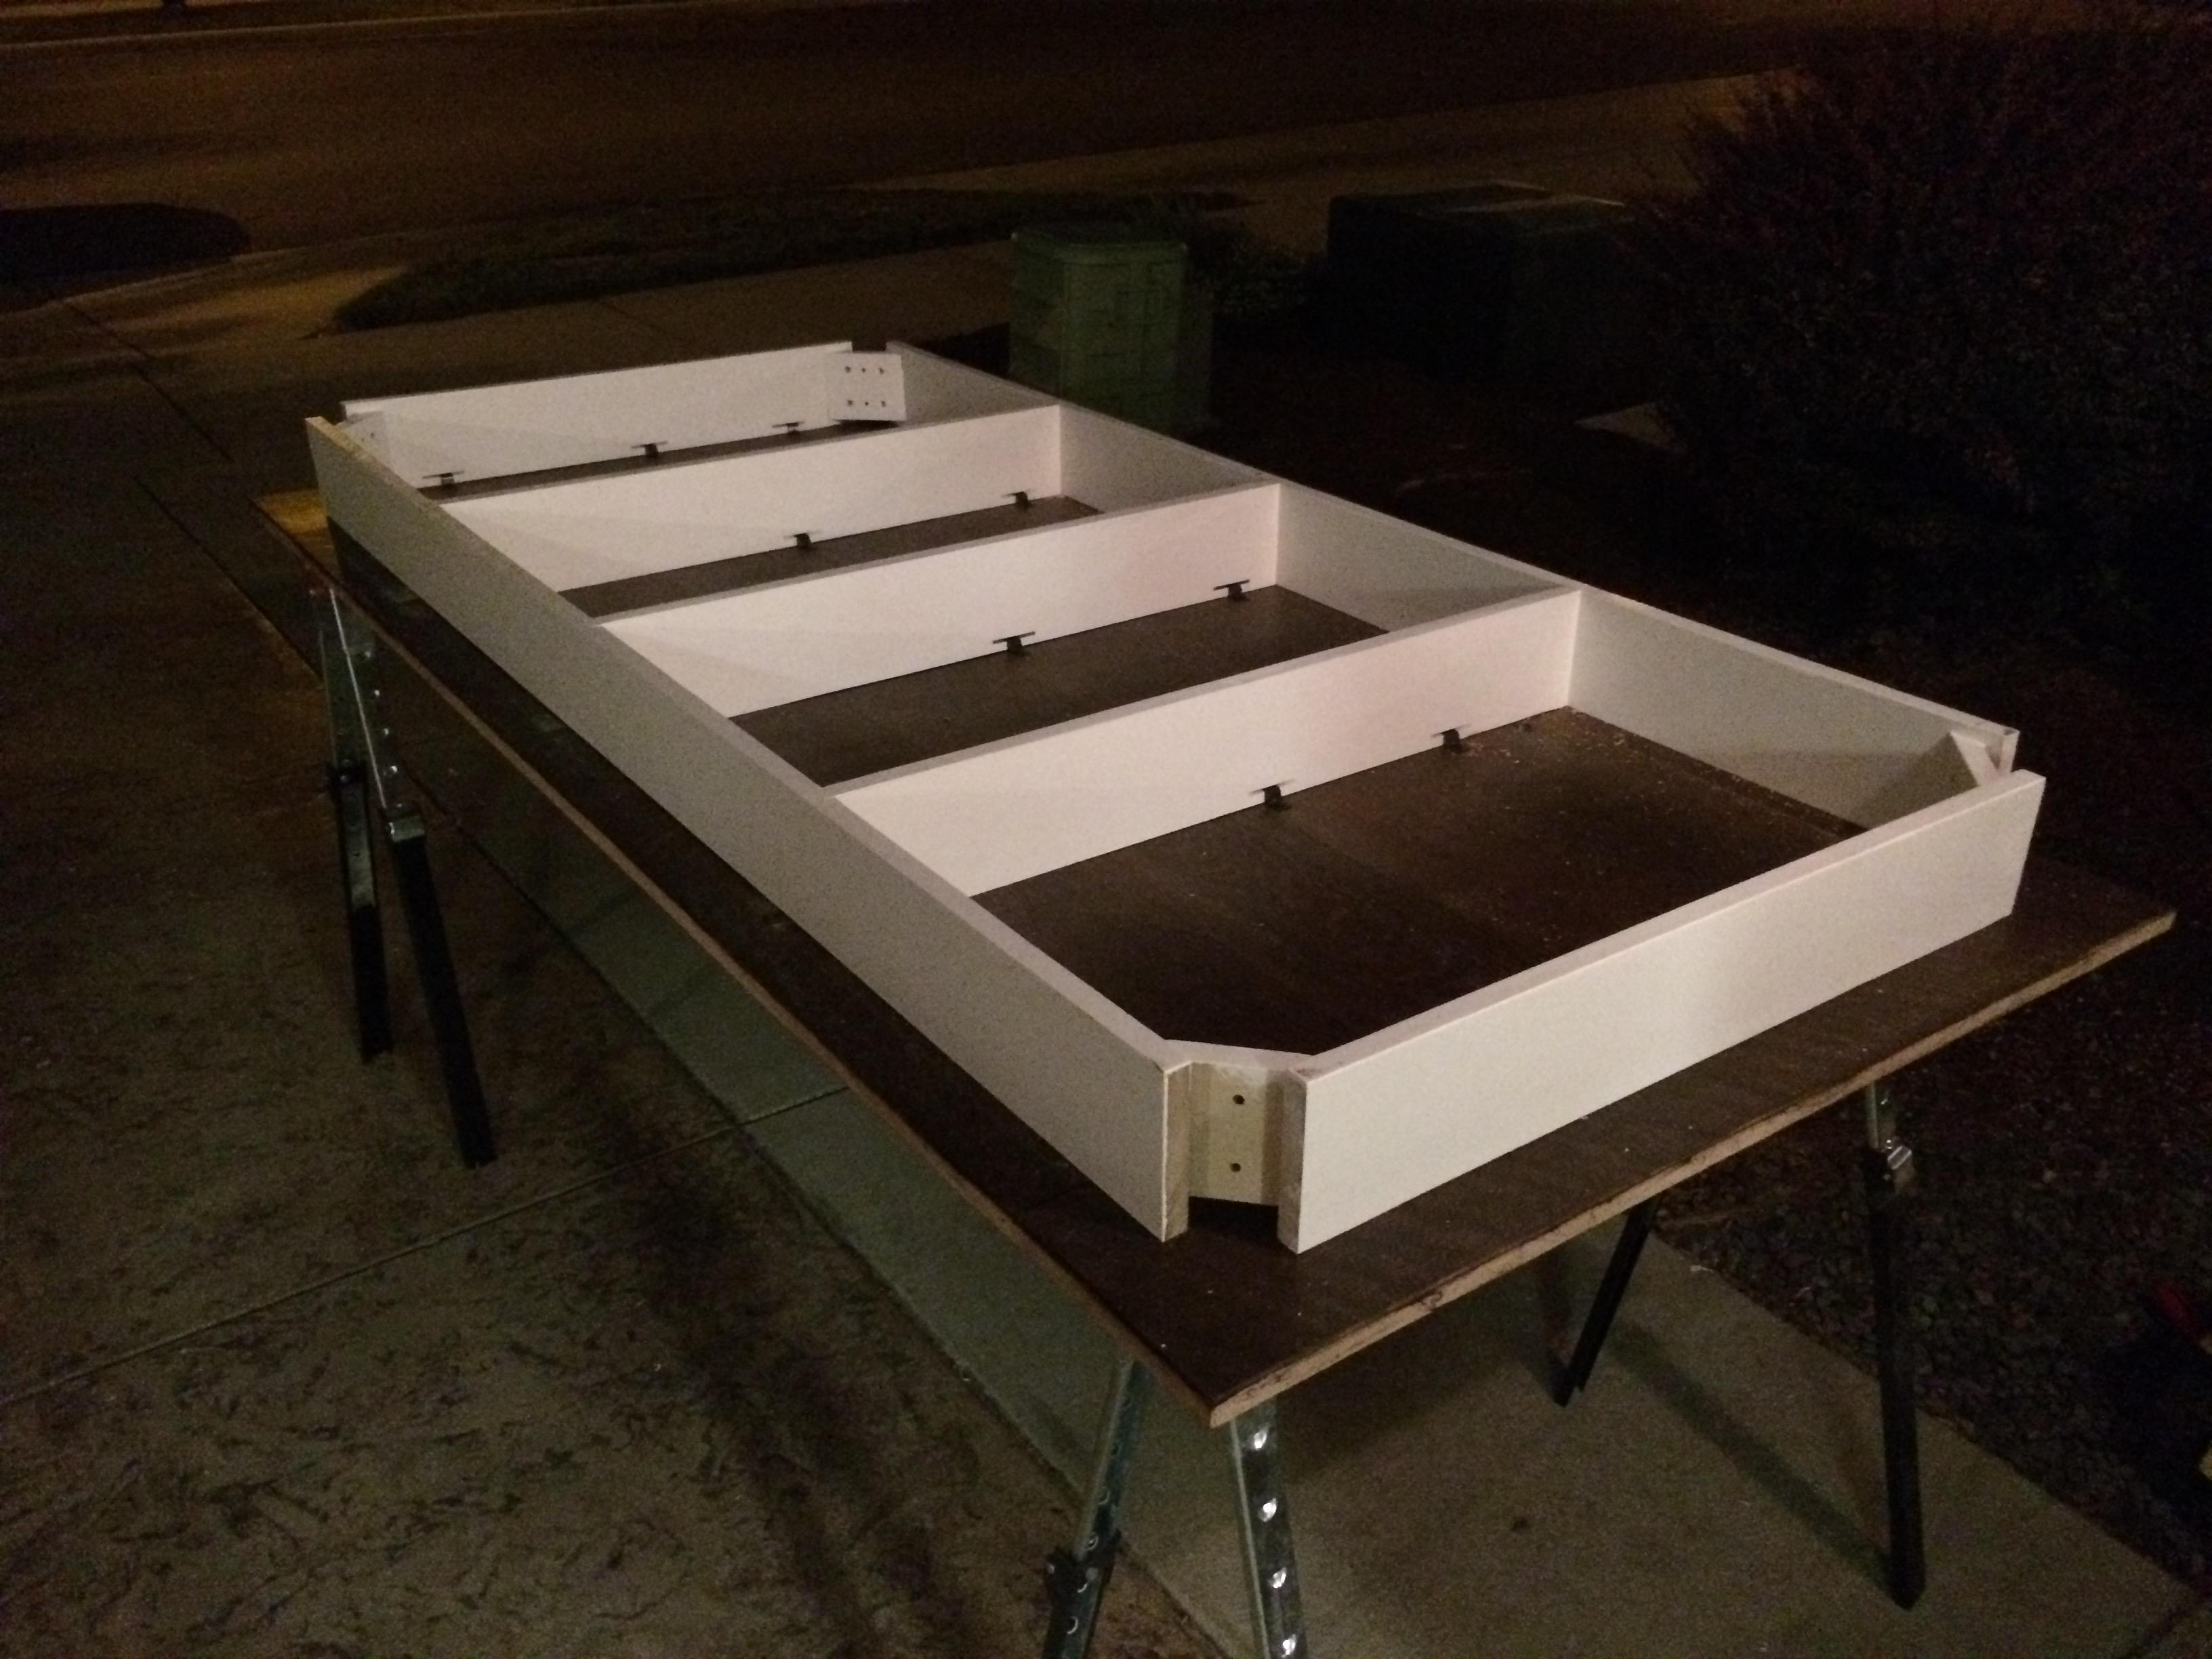 I Built a Table